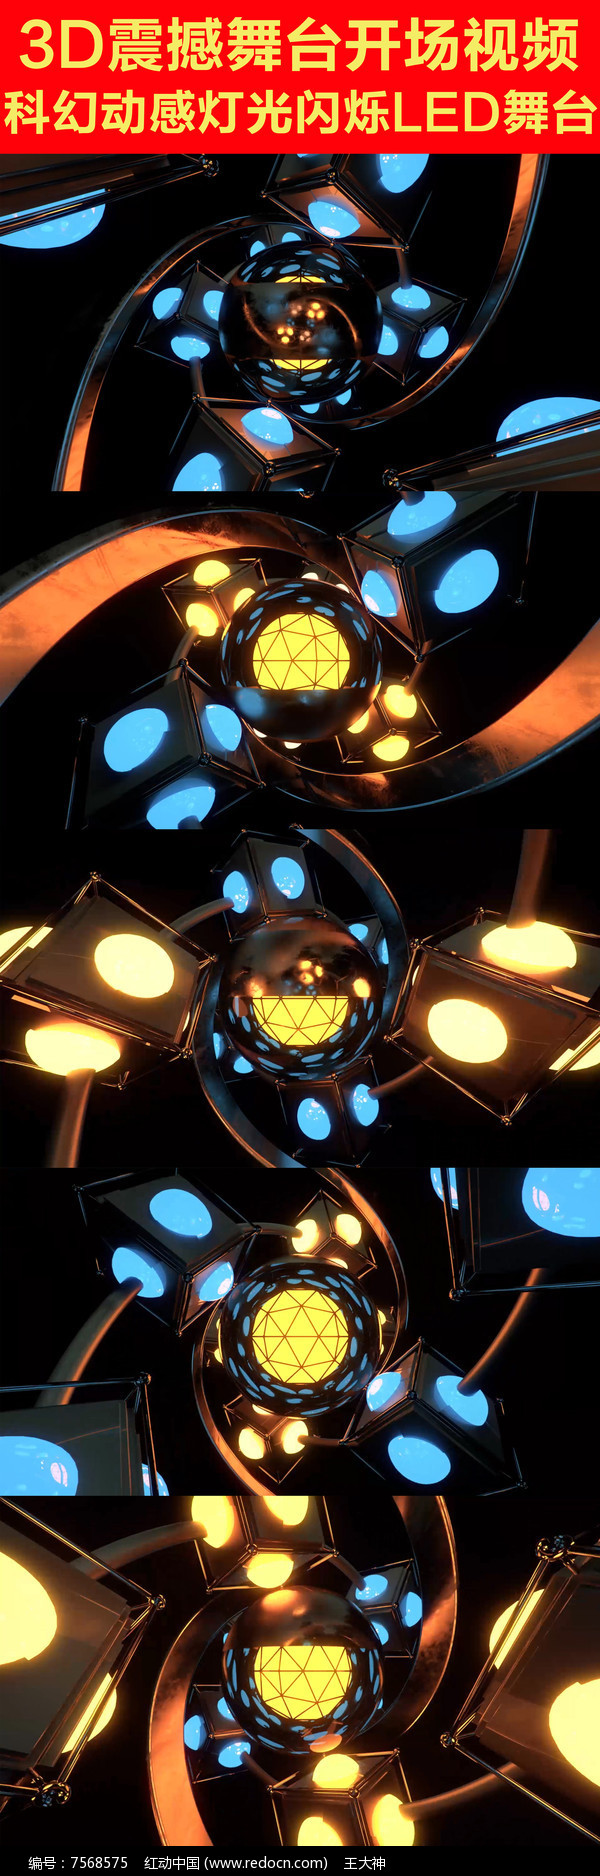 震撼动感灯光闪烁LED视频图片